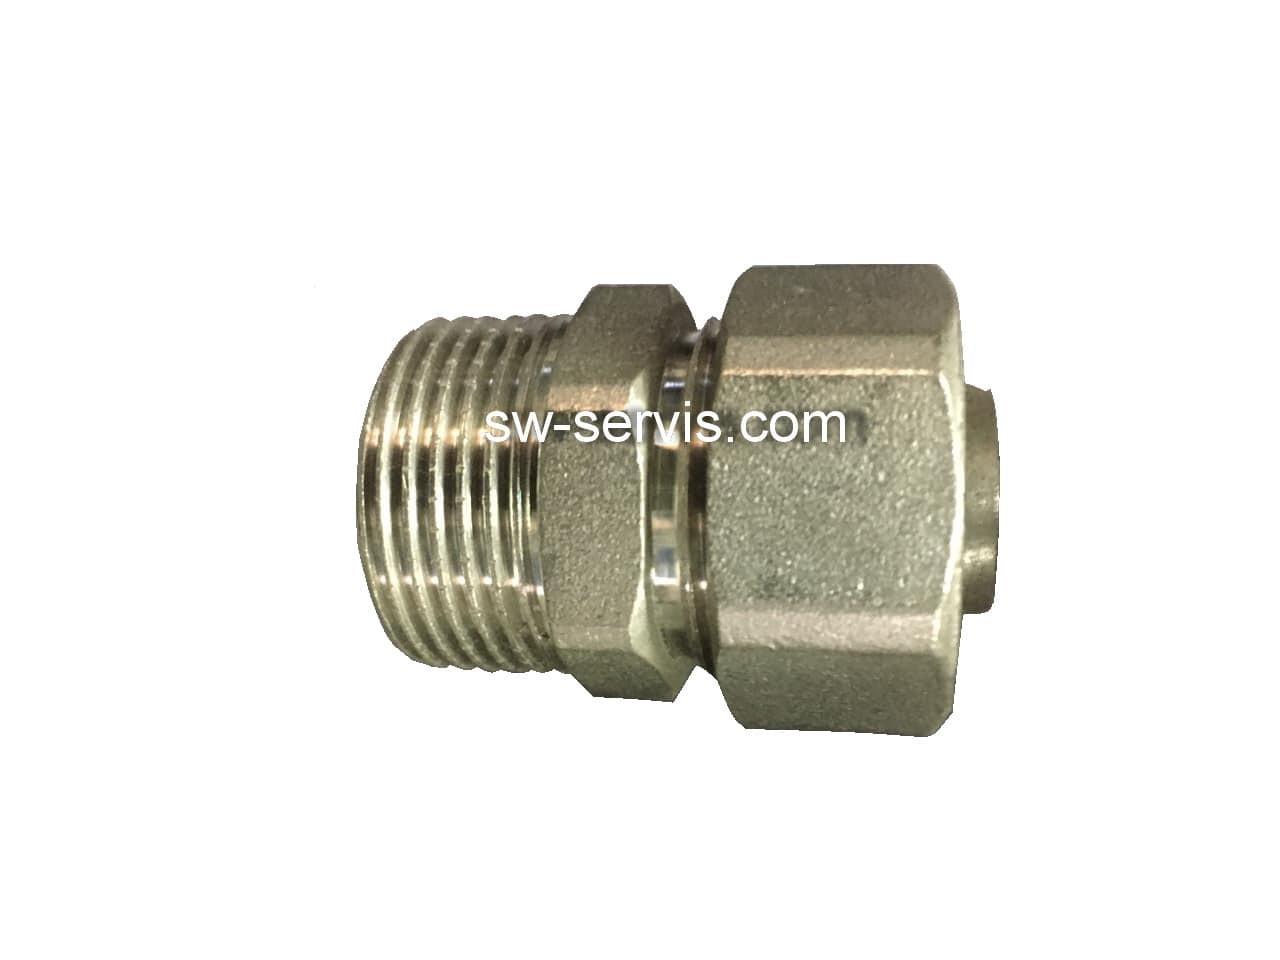 Муфта з зовнішньою для металопластикової труби 20*3/4 посилена Forte